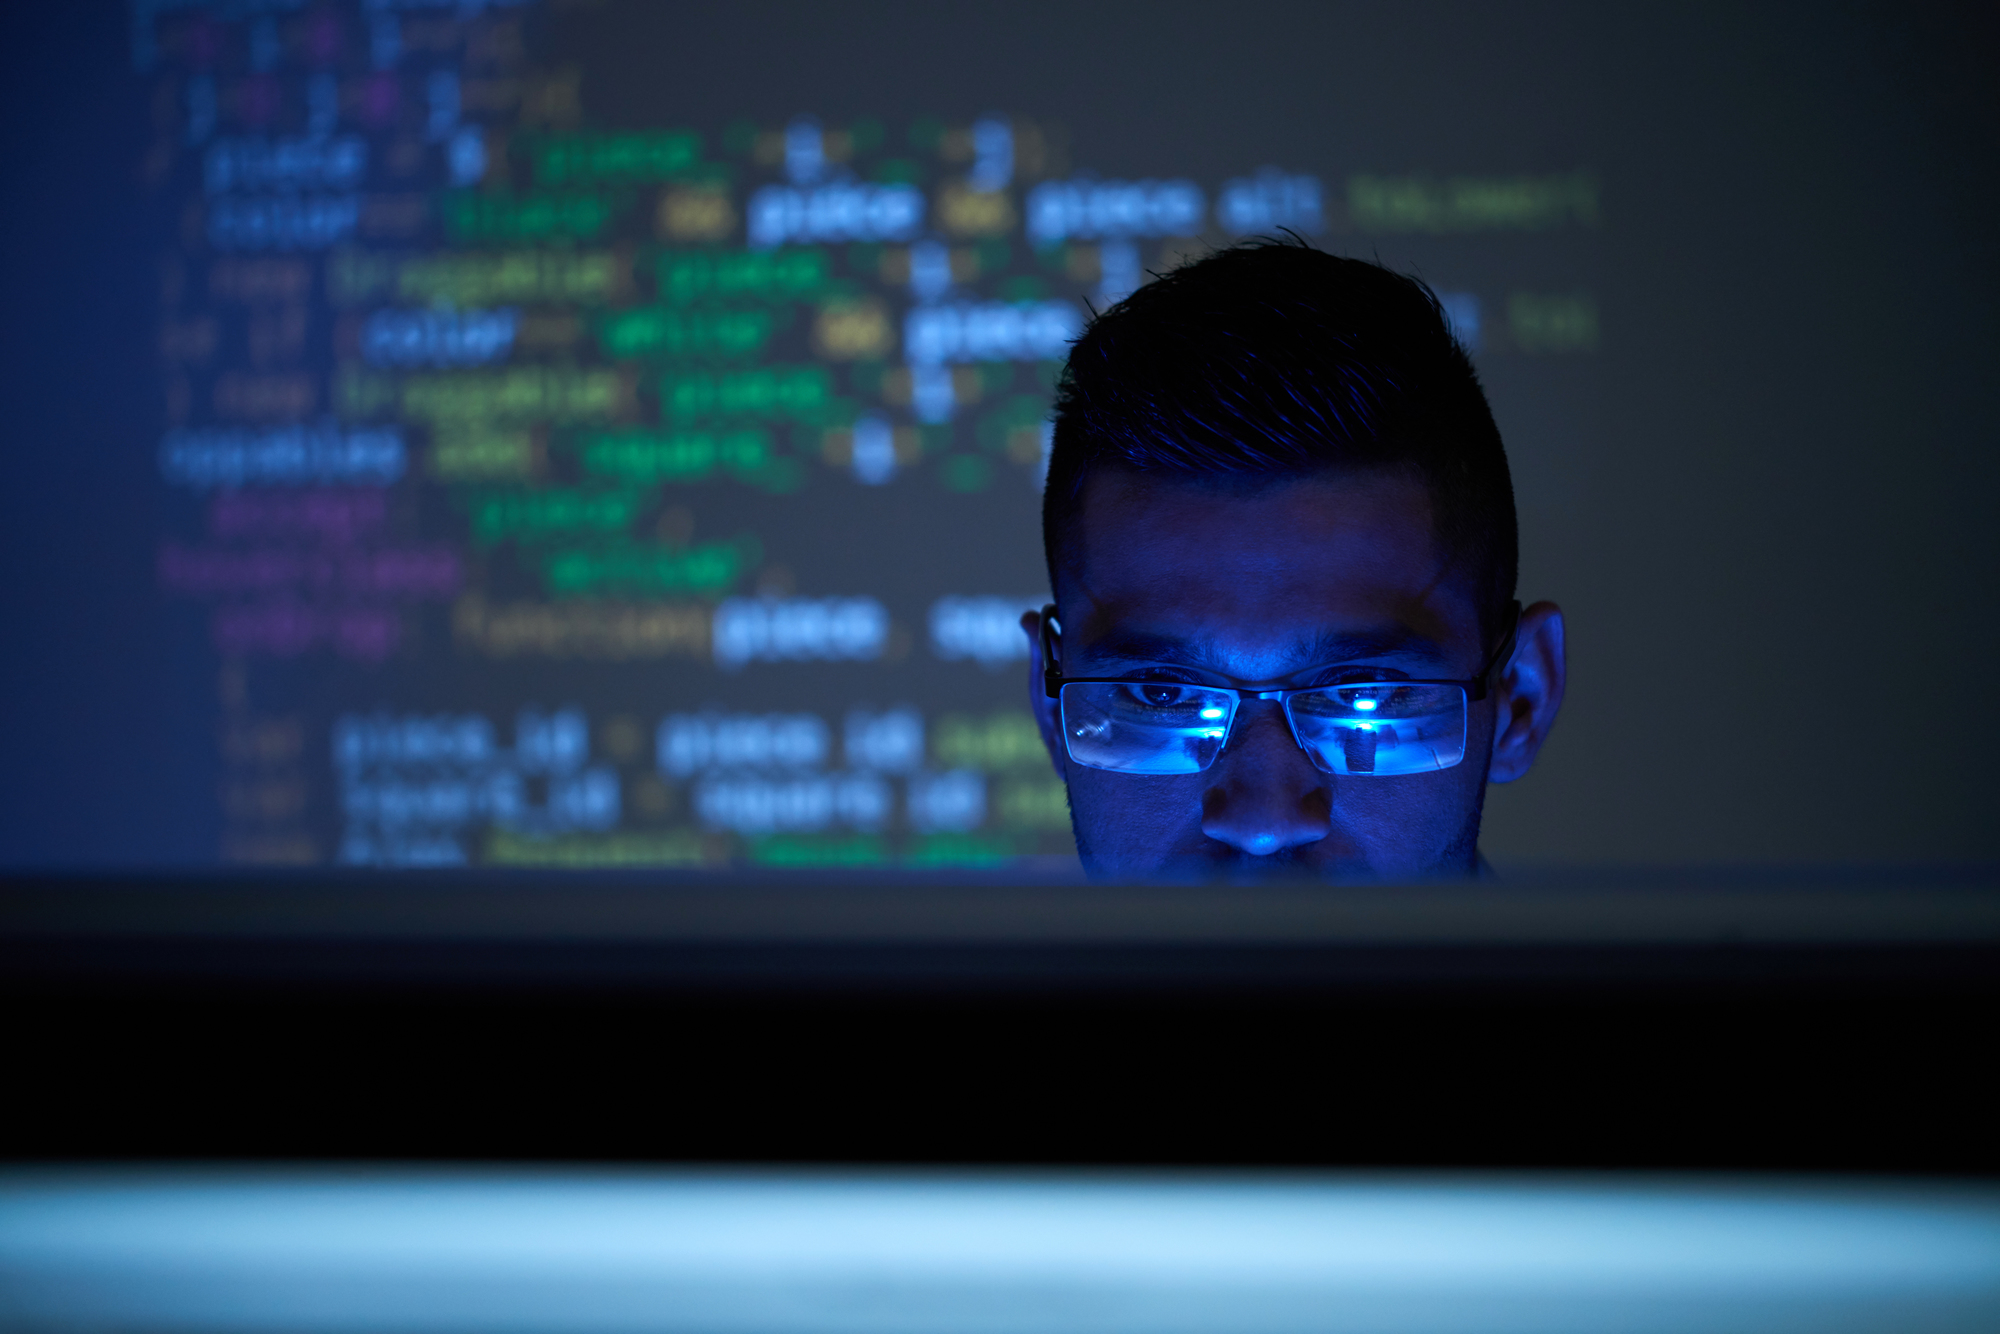 キングソフトインターネットセキュリティ, Kingsoft Internet Security, ハッカー, ハッキング